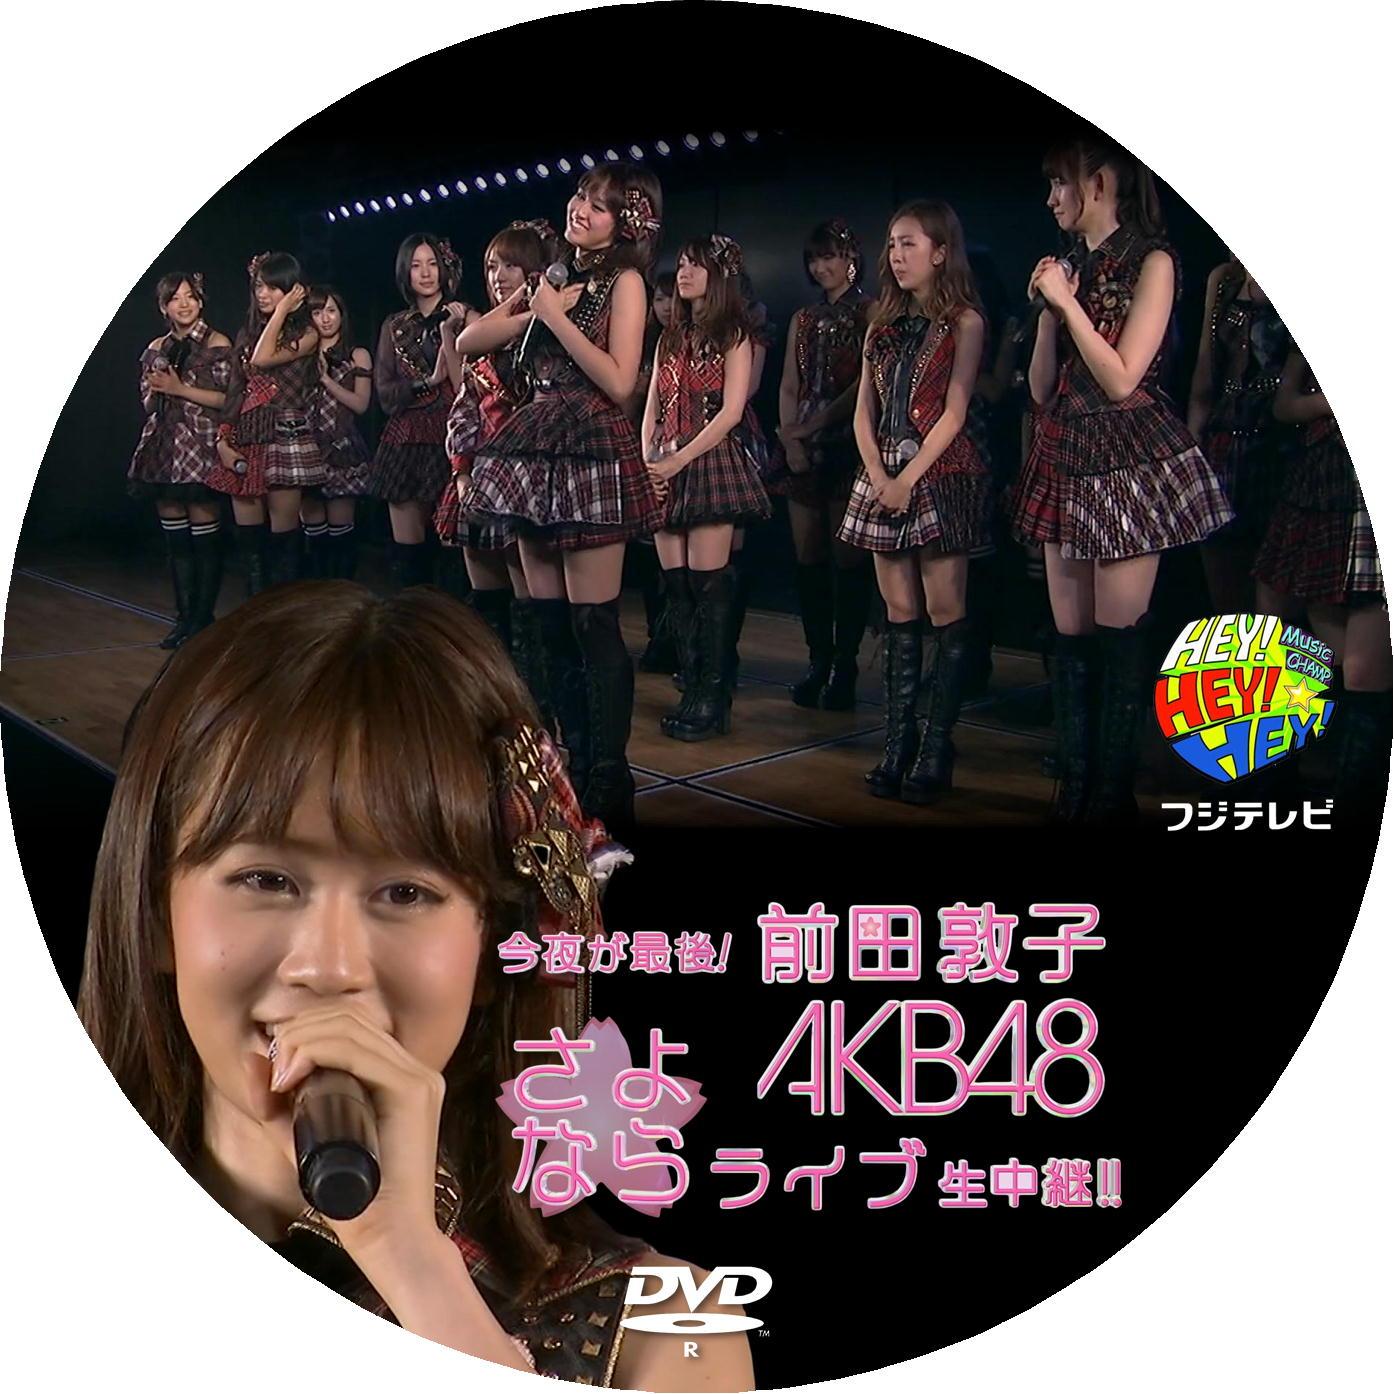 前田敦子さよならライブDVDラベル